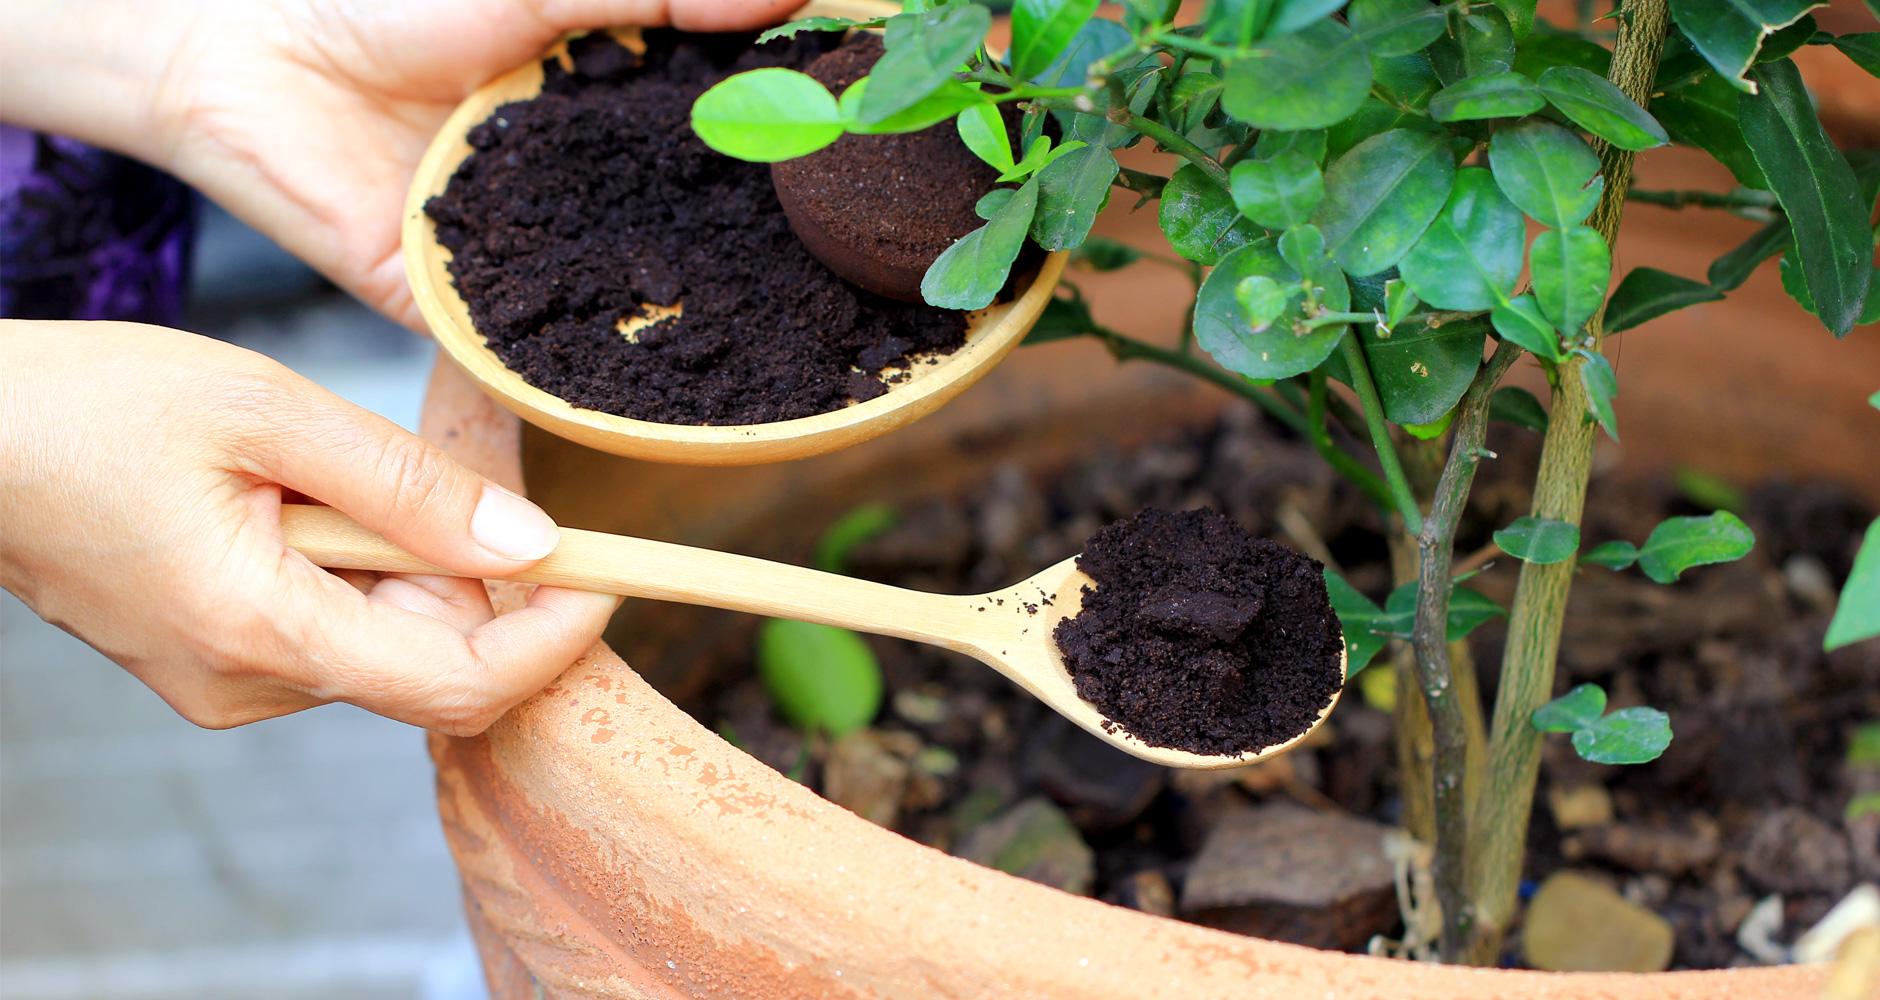 Кофе как удобрение: для каких растений на огороде подходит жмых и молотый кофе и как использовать в качестве удобрения?